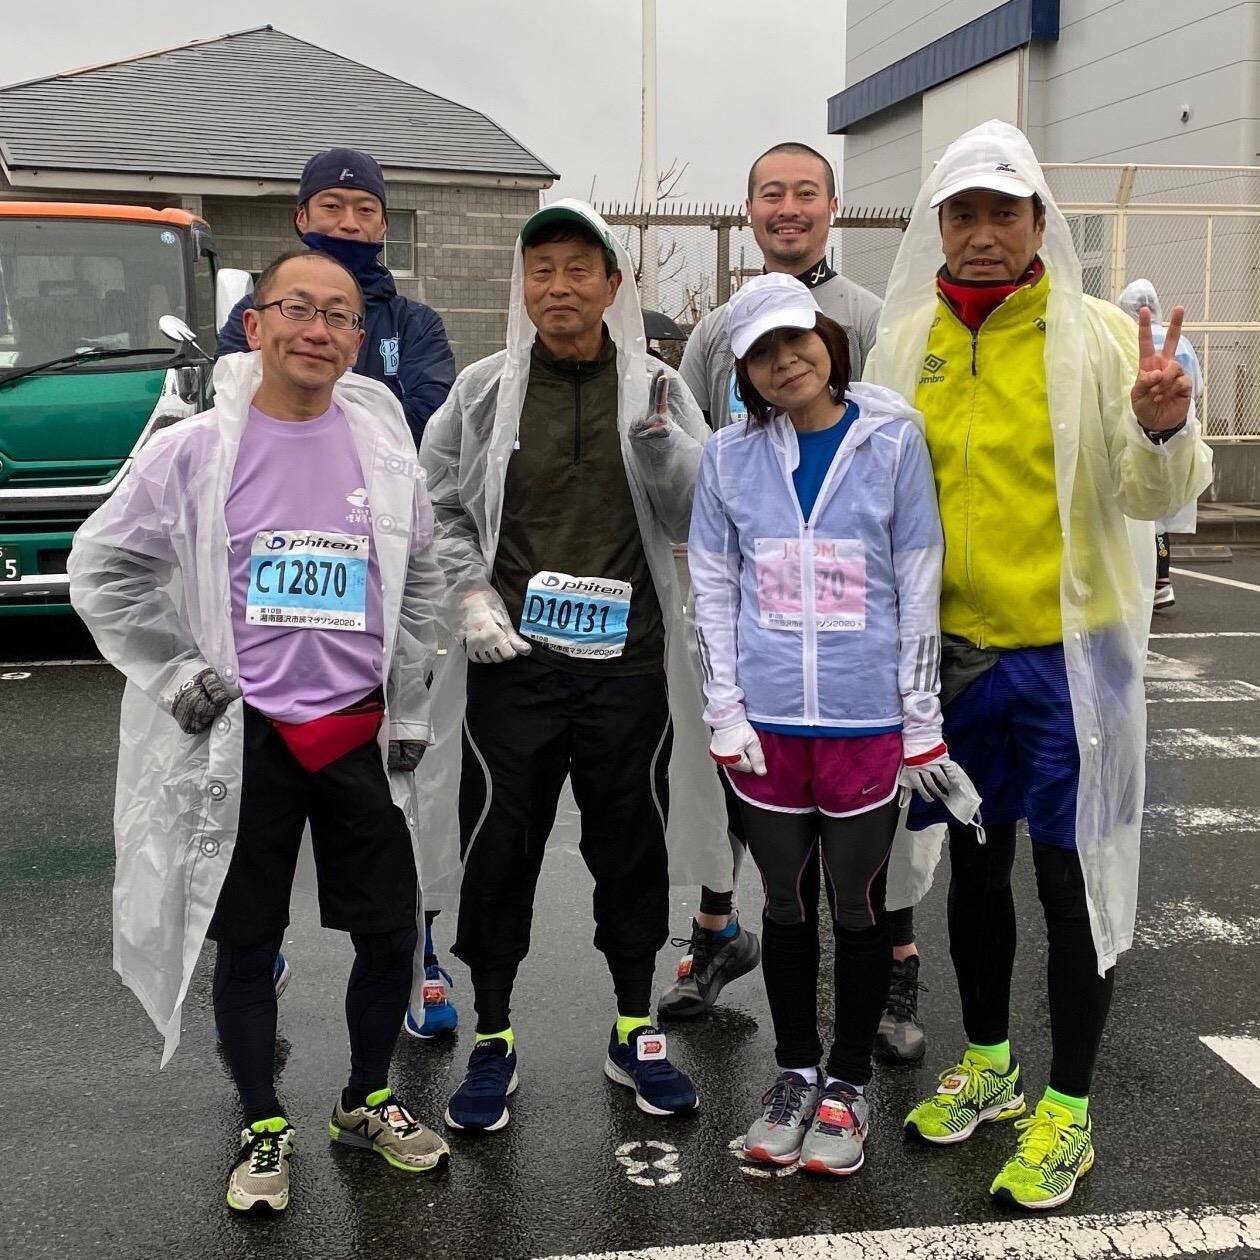 【第10回湘南藤沢市民マラソン2020】に井上&鎌田の両名が参加しました!